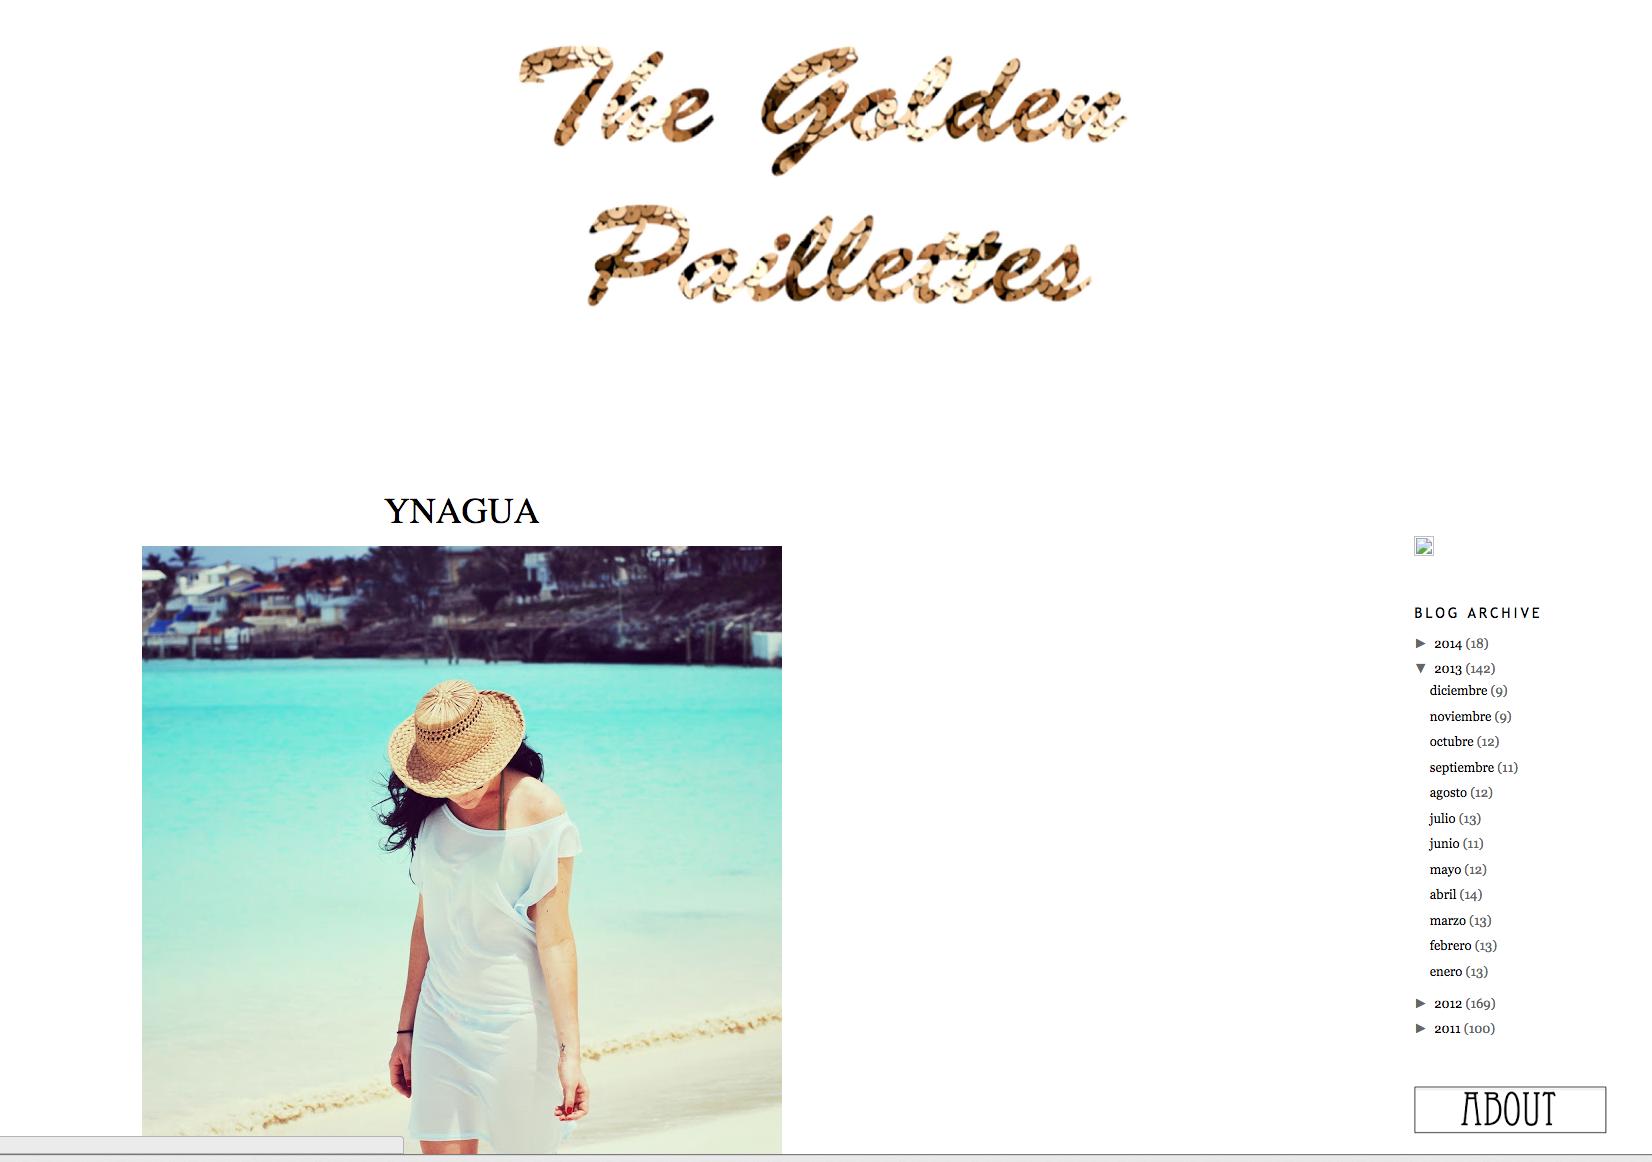 The Golden Paillettes